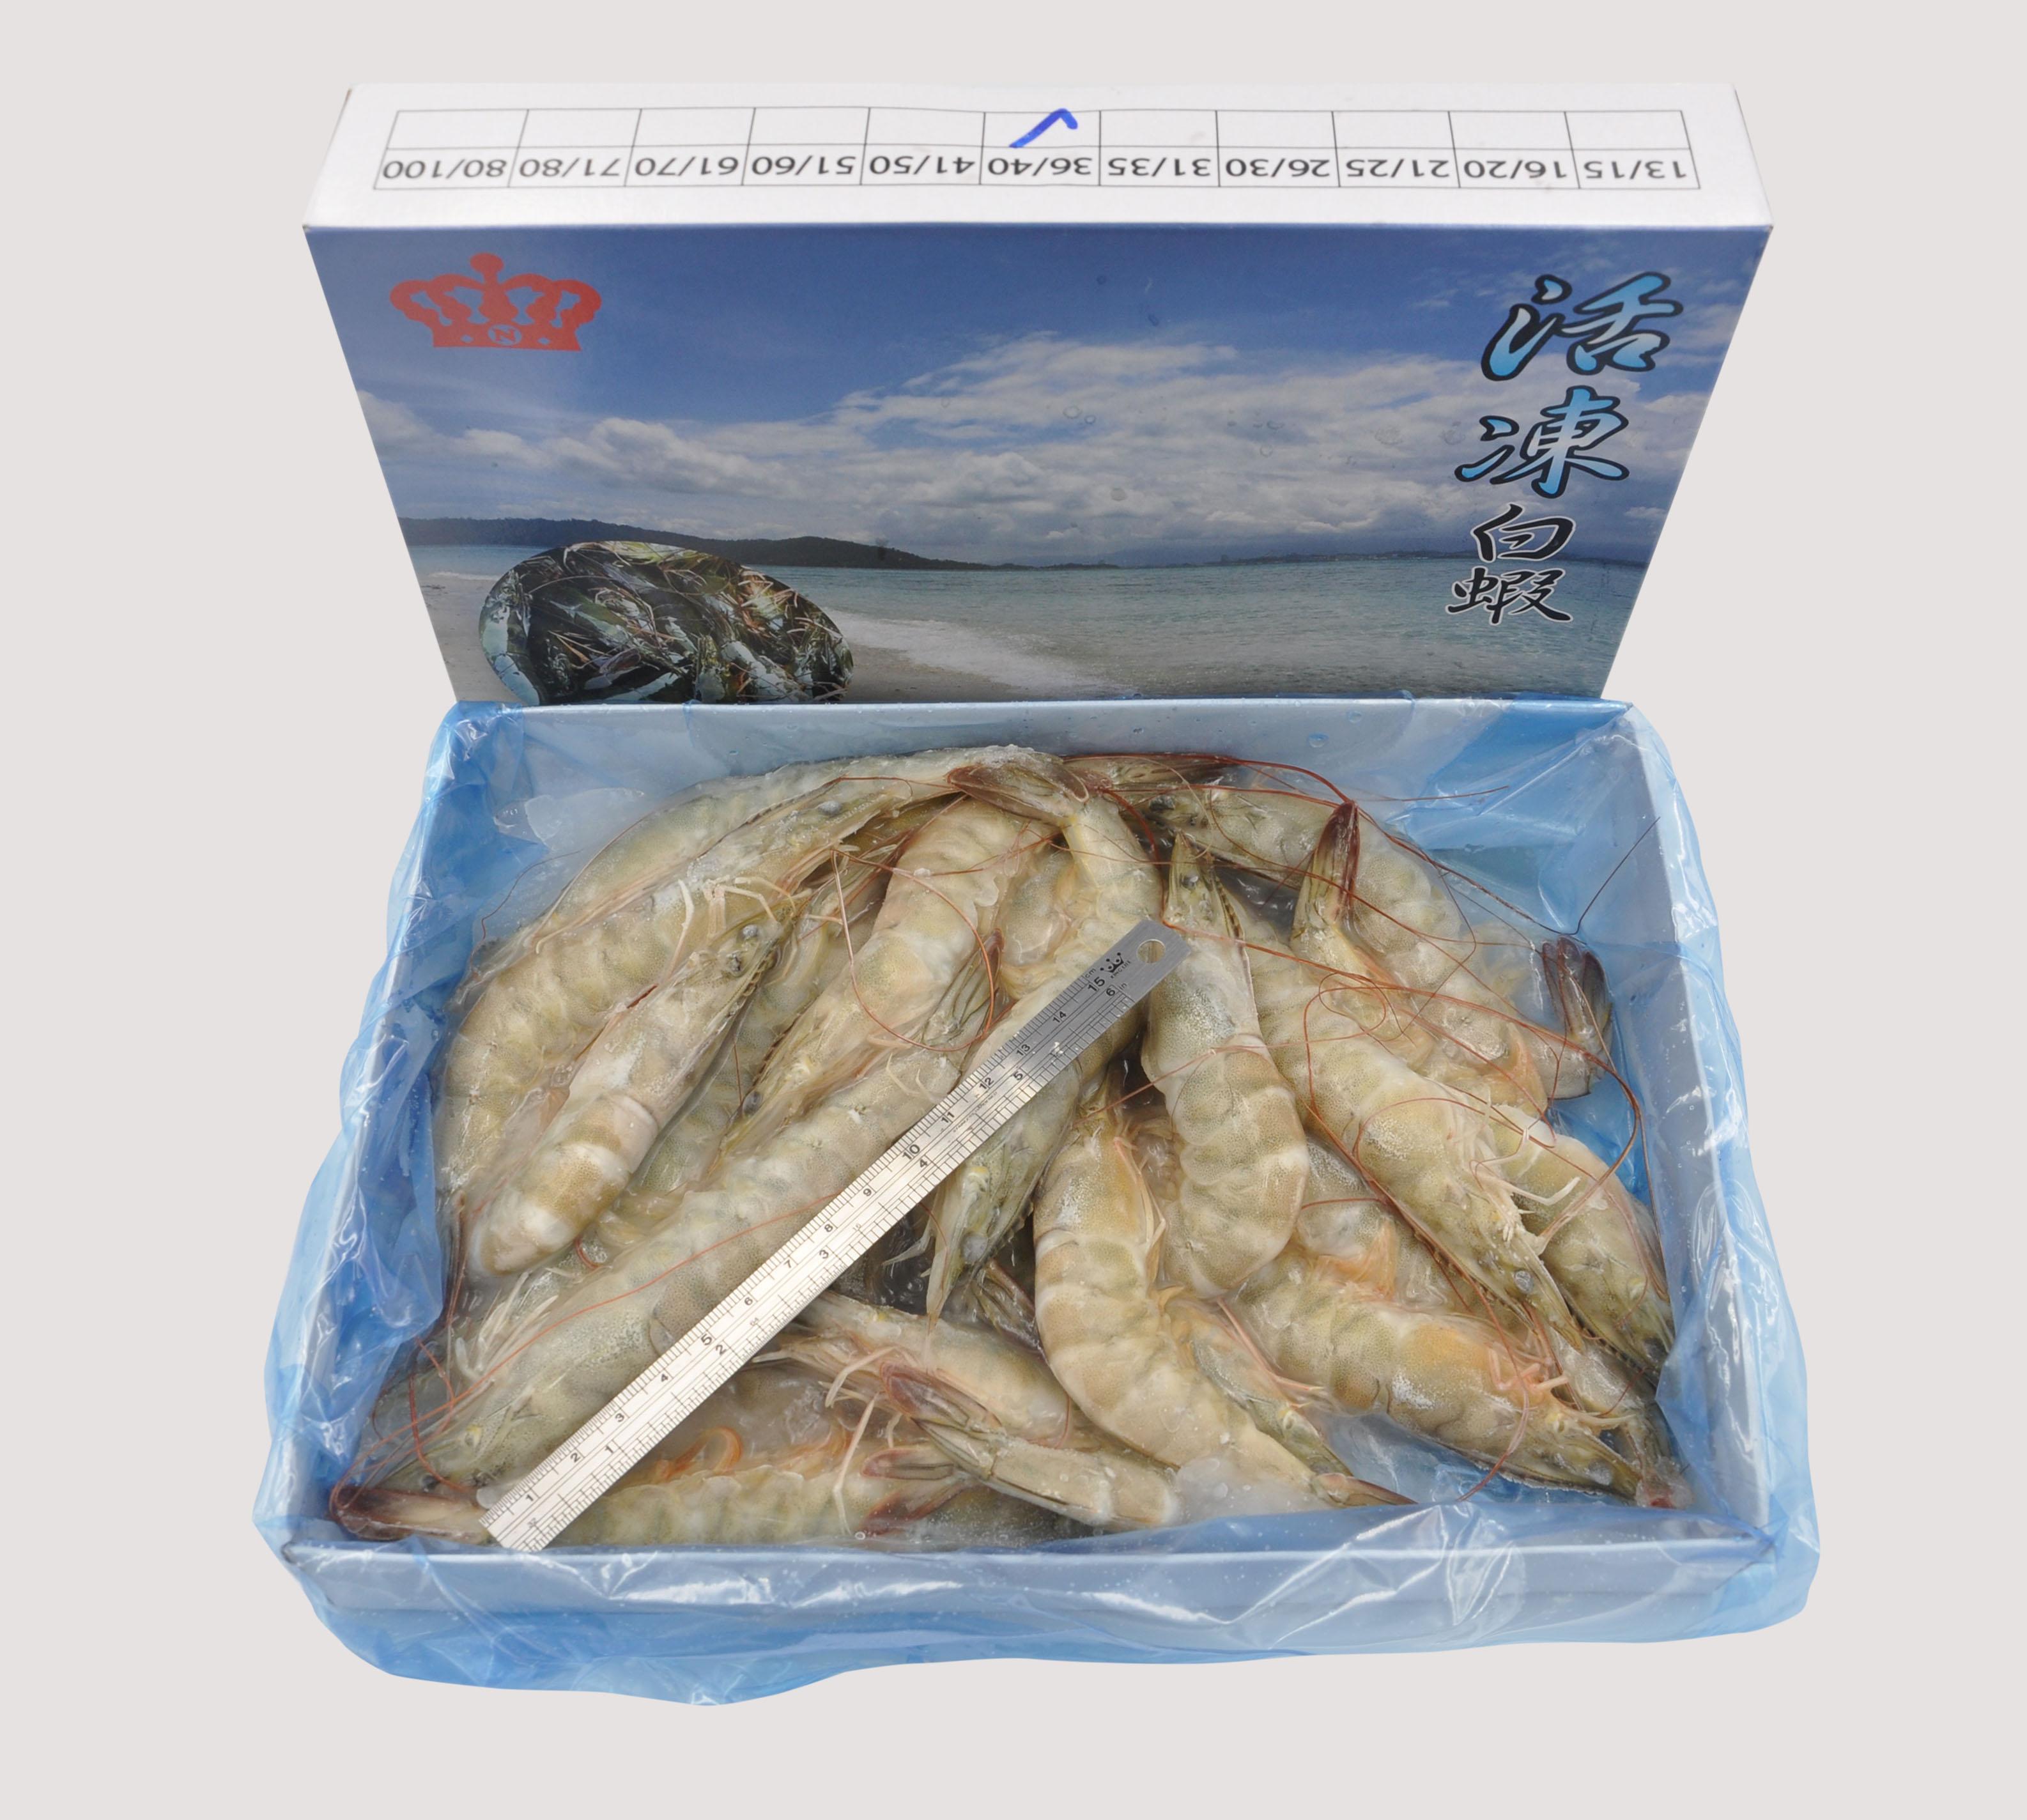 馬來西亞天然活凍白蝦  (36/40)  紅毛港海鮮市集